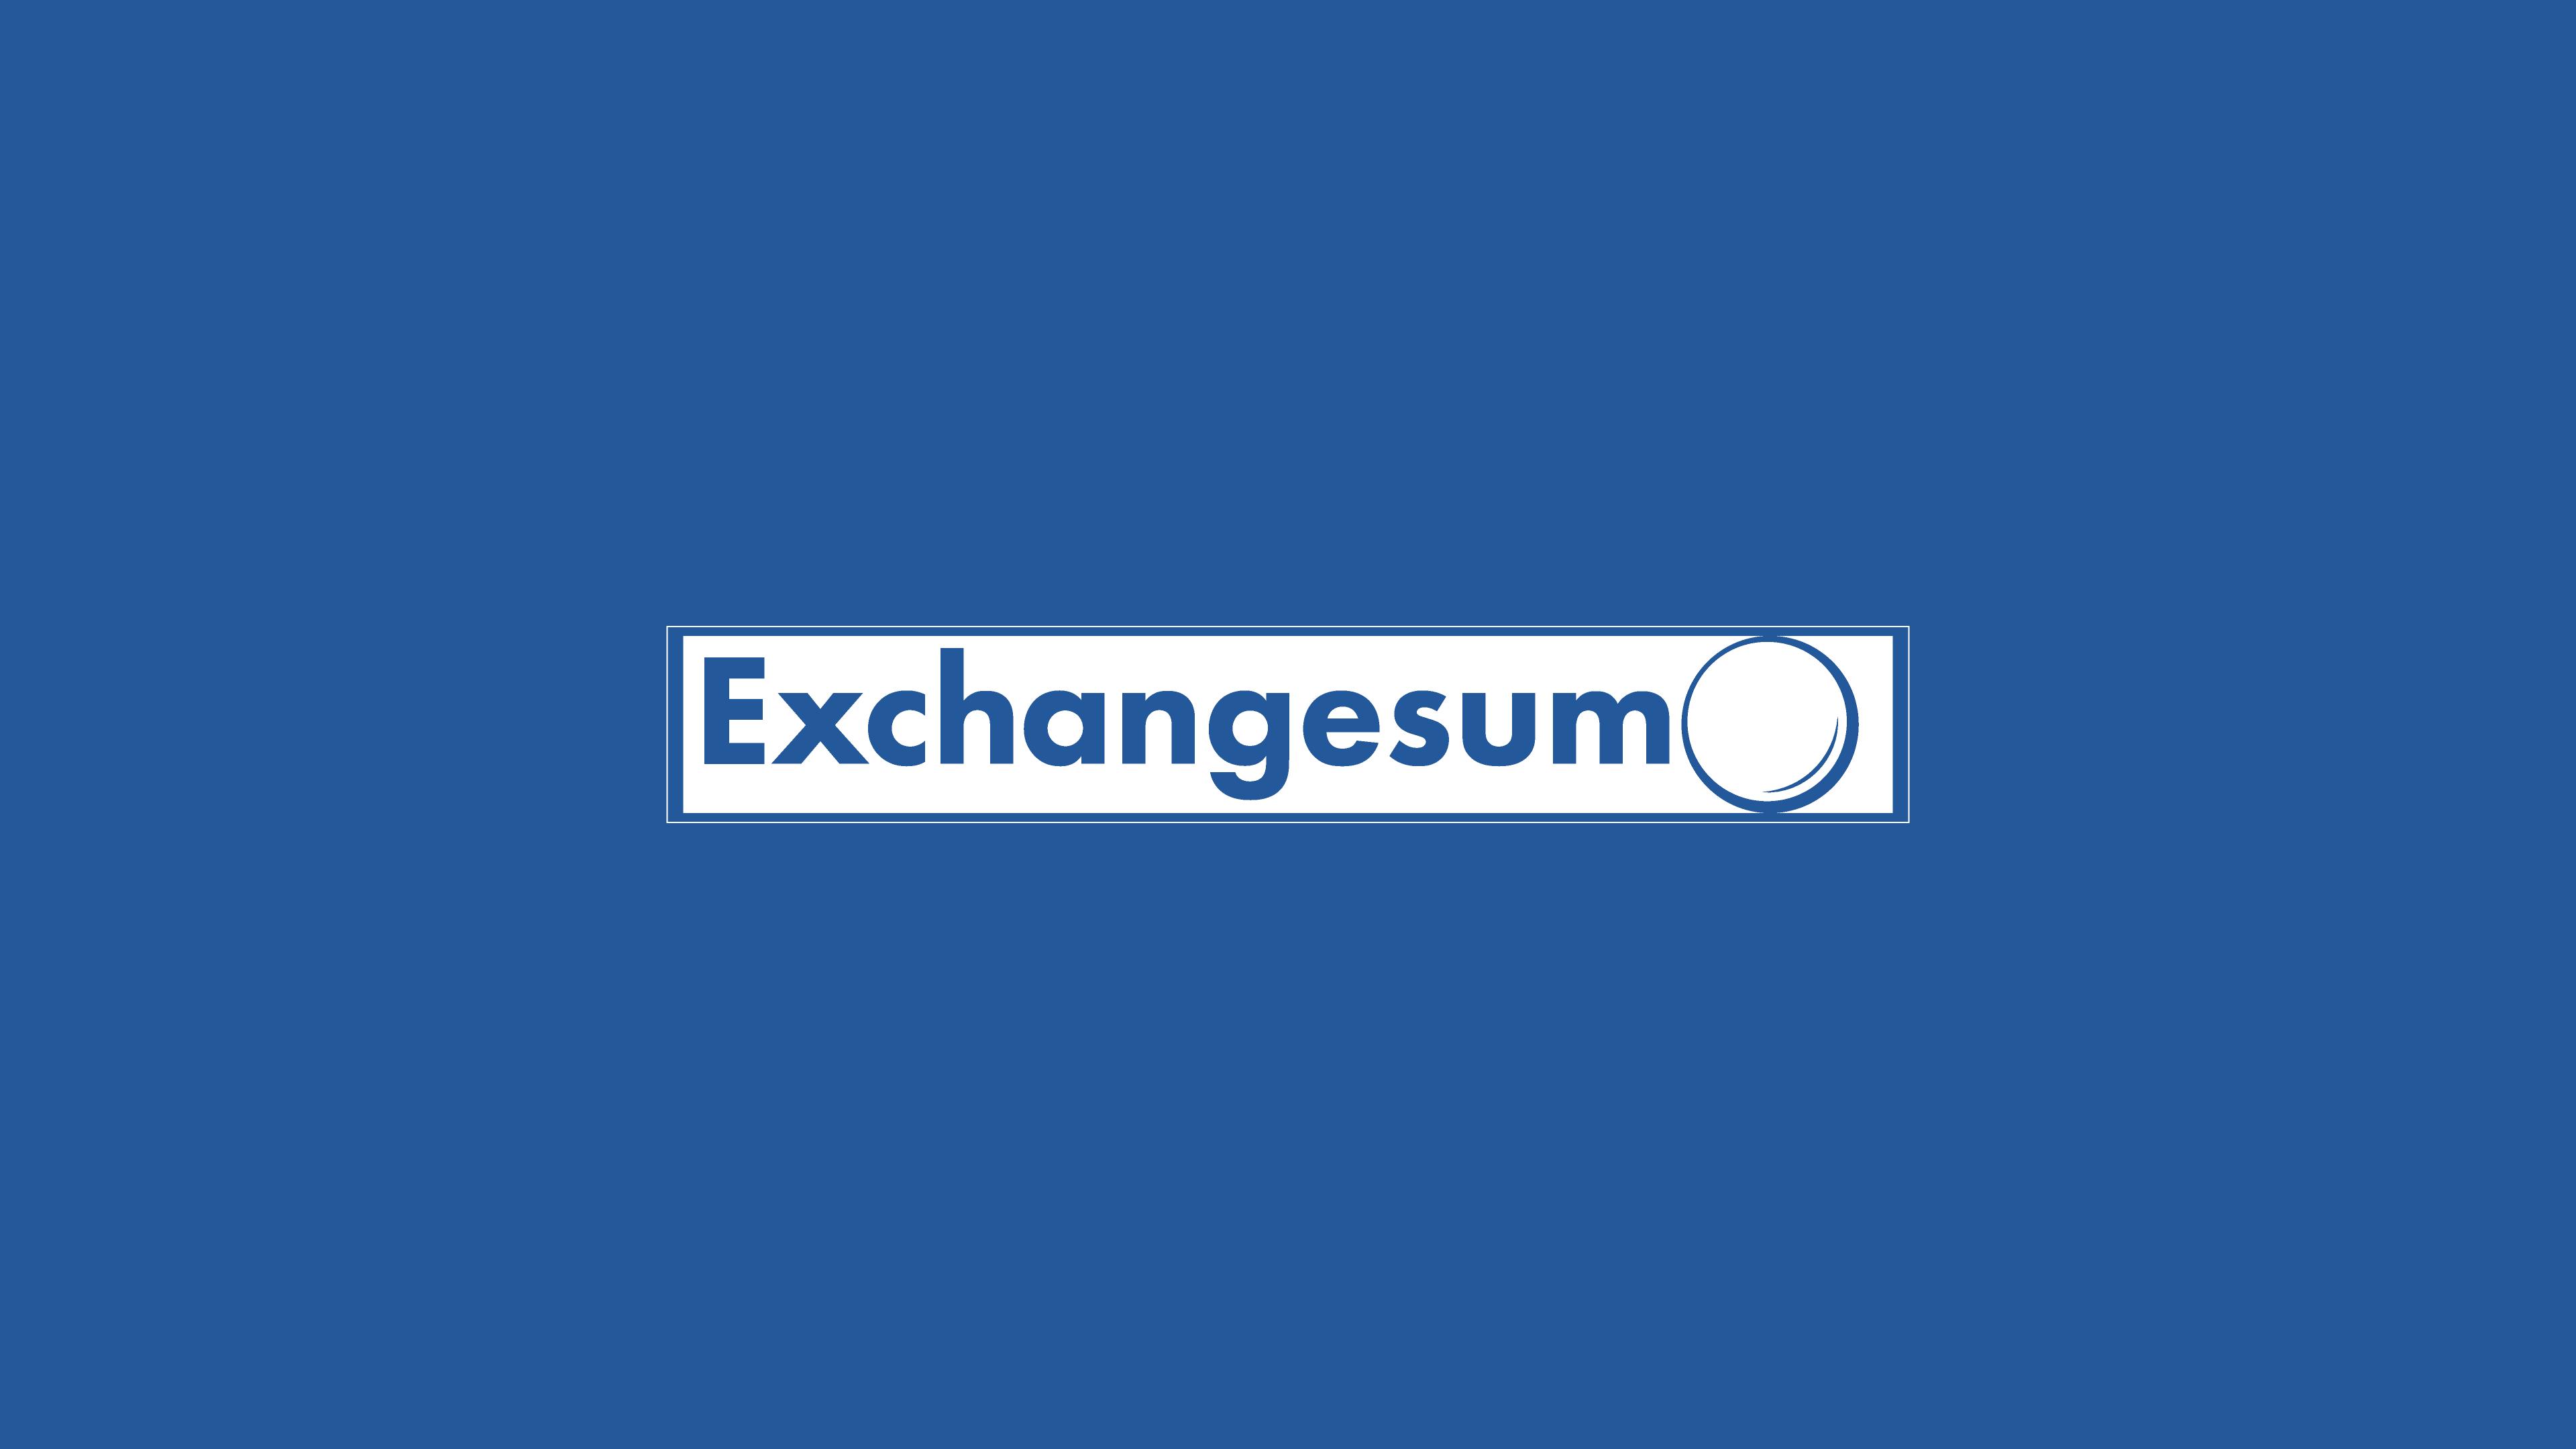 Логотип для мониторинга обменников фото f_4045baa7dd620577.png